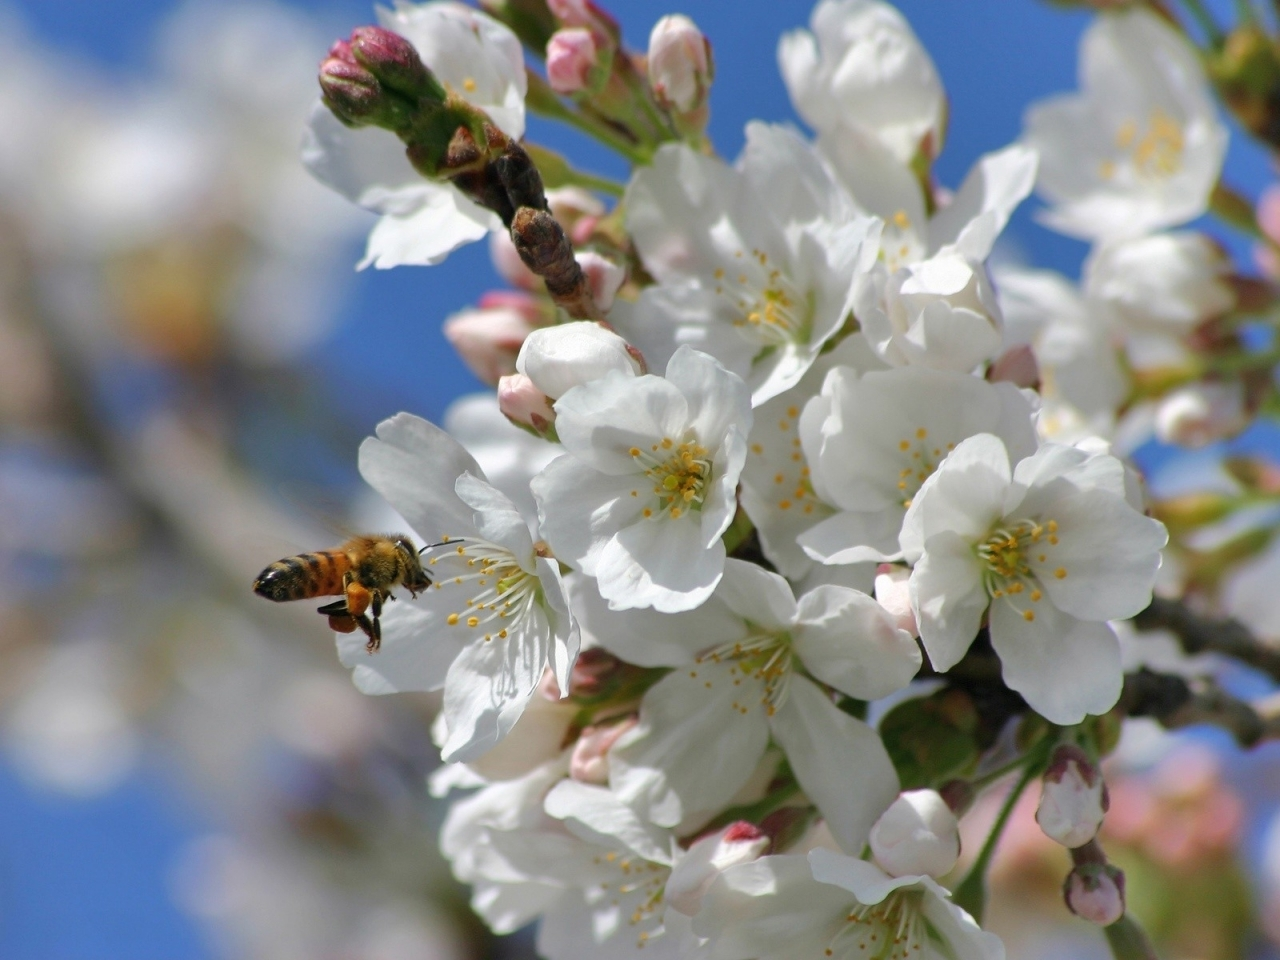 34634 Hintergrundbild herunterladen Insekten, Pflanzen, Blumen, Bienen - Bildschirmschoner und Bilder kostenlos